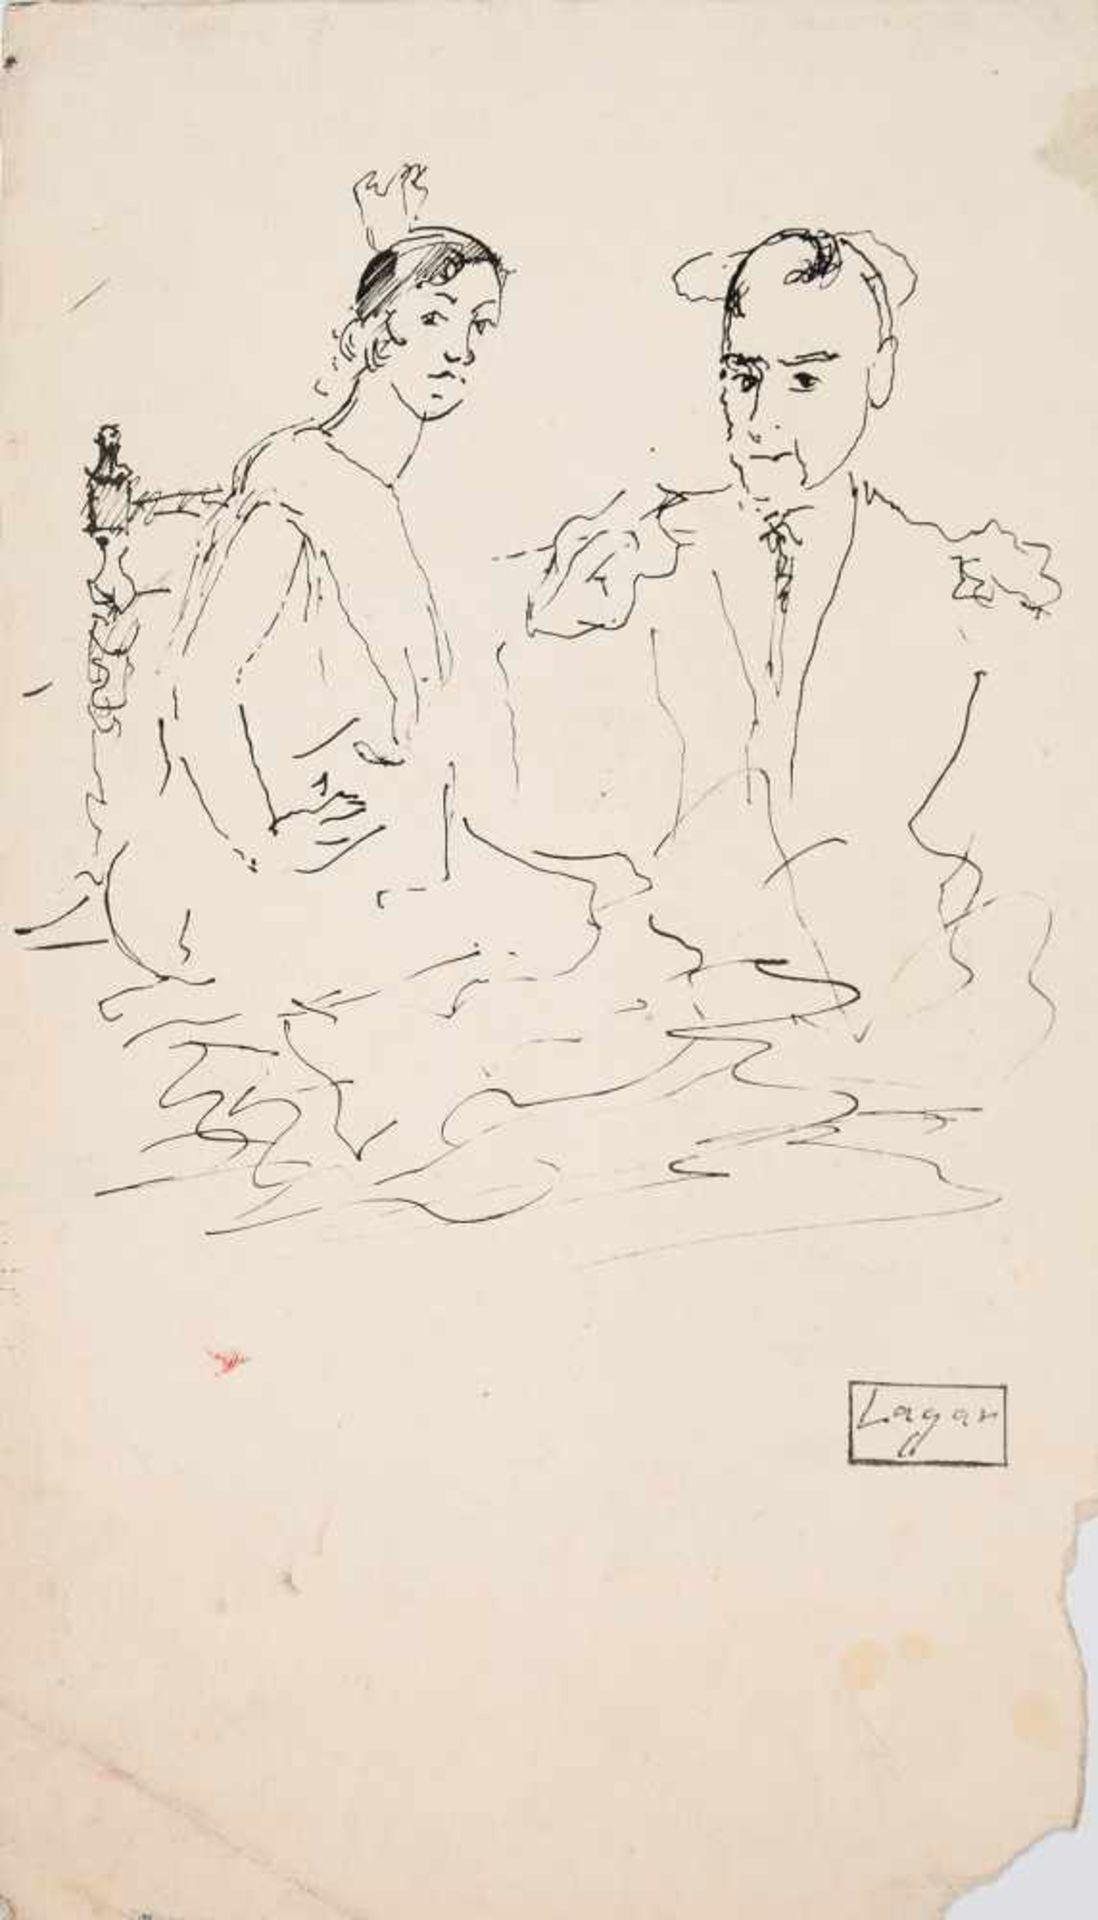 Los 9 - Celso Lagar (Ciudad Rodrigo, 1891 - Sevilla, 1966)